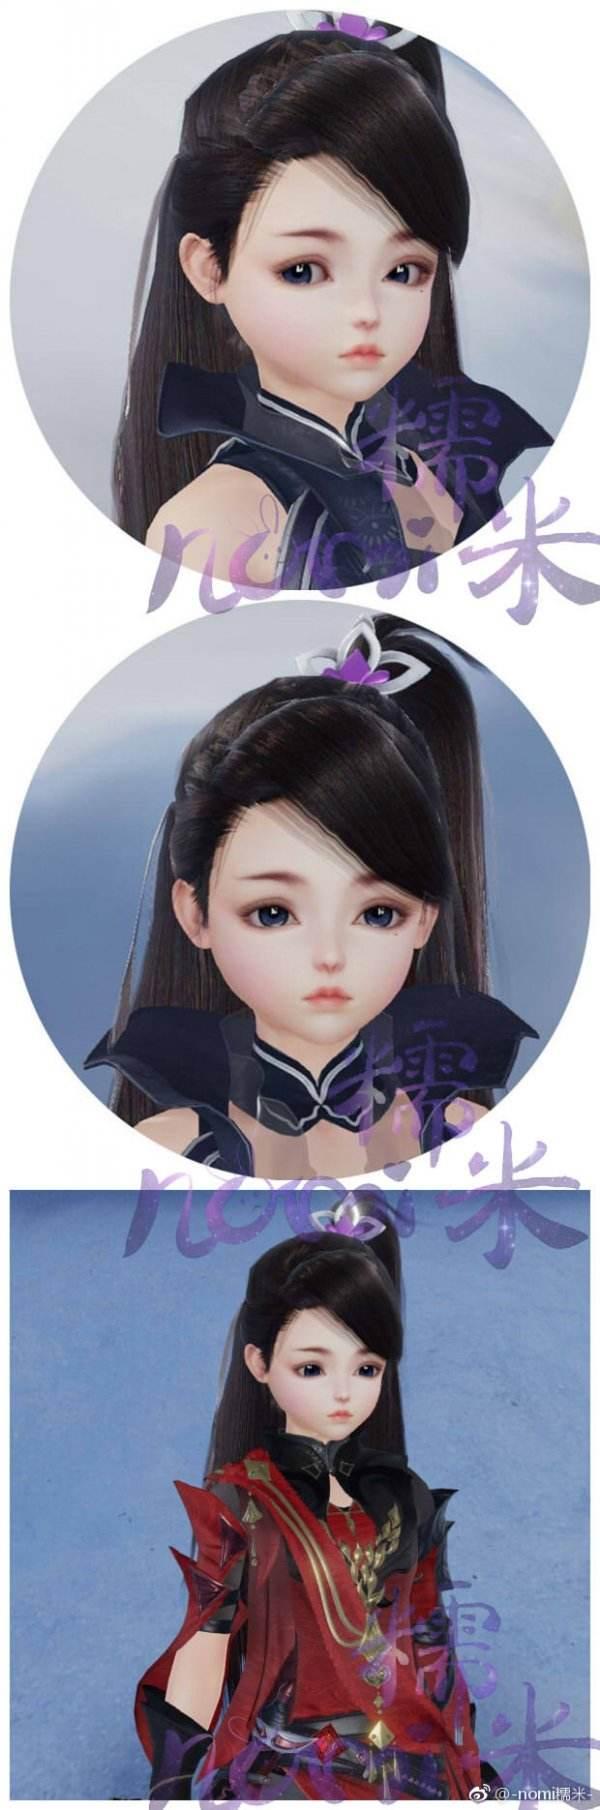 剑网3重制版萝莉捏脸分享 全门派特色数据